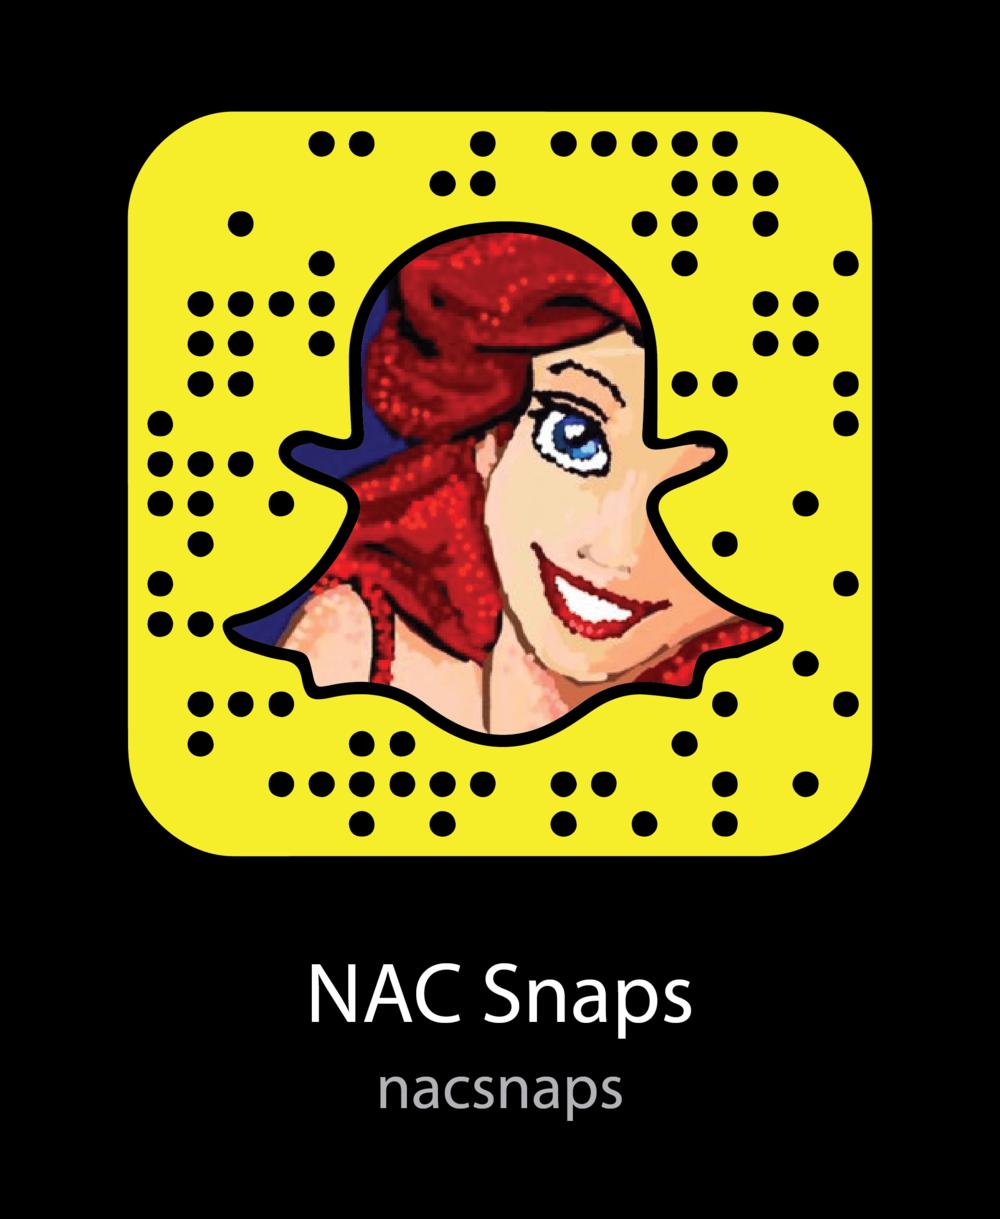 nac-snaps-artists-snapchat-snapcode